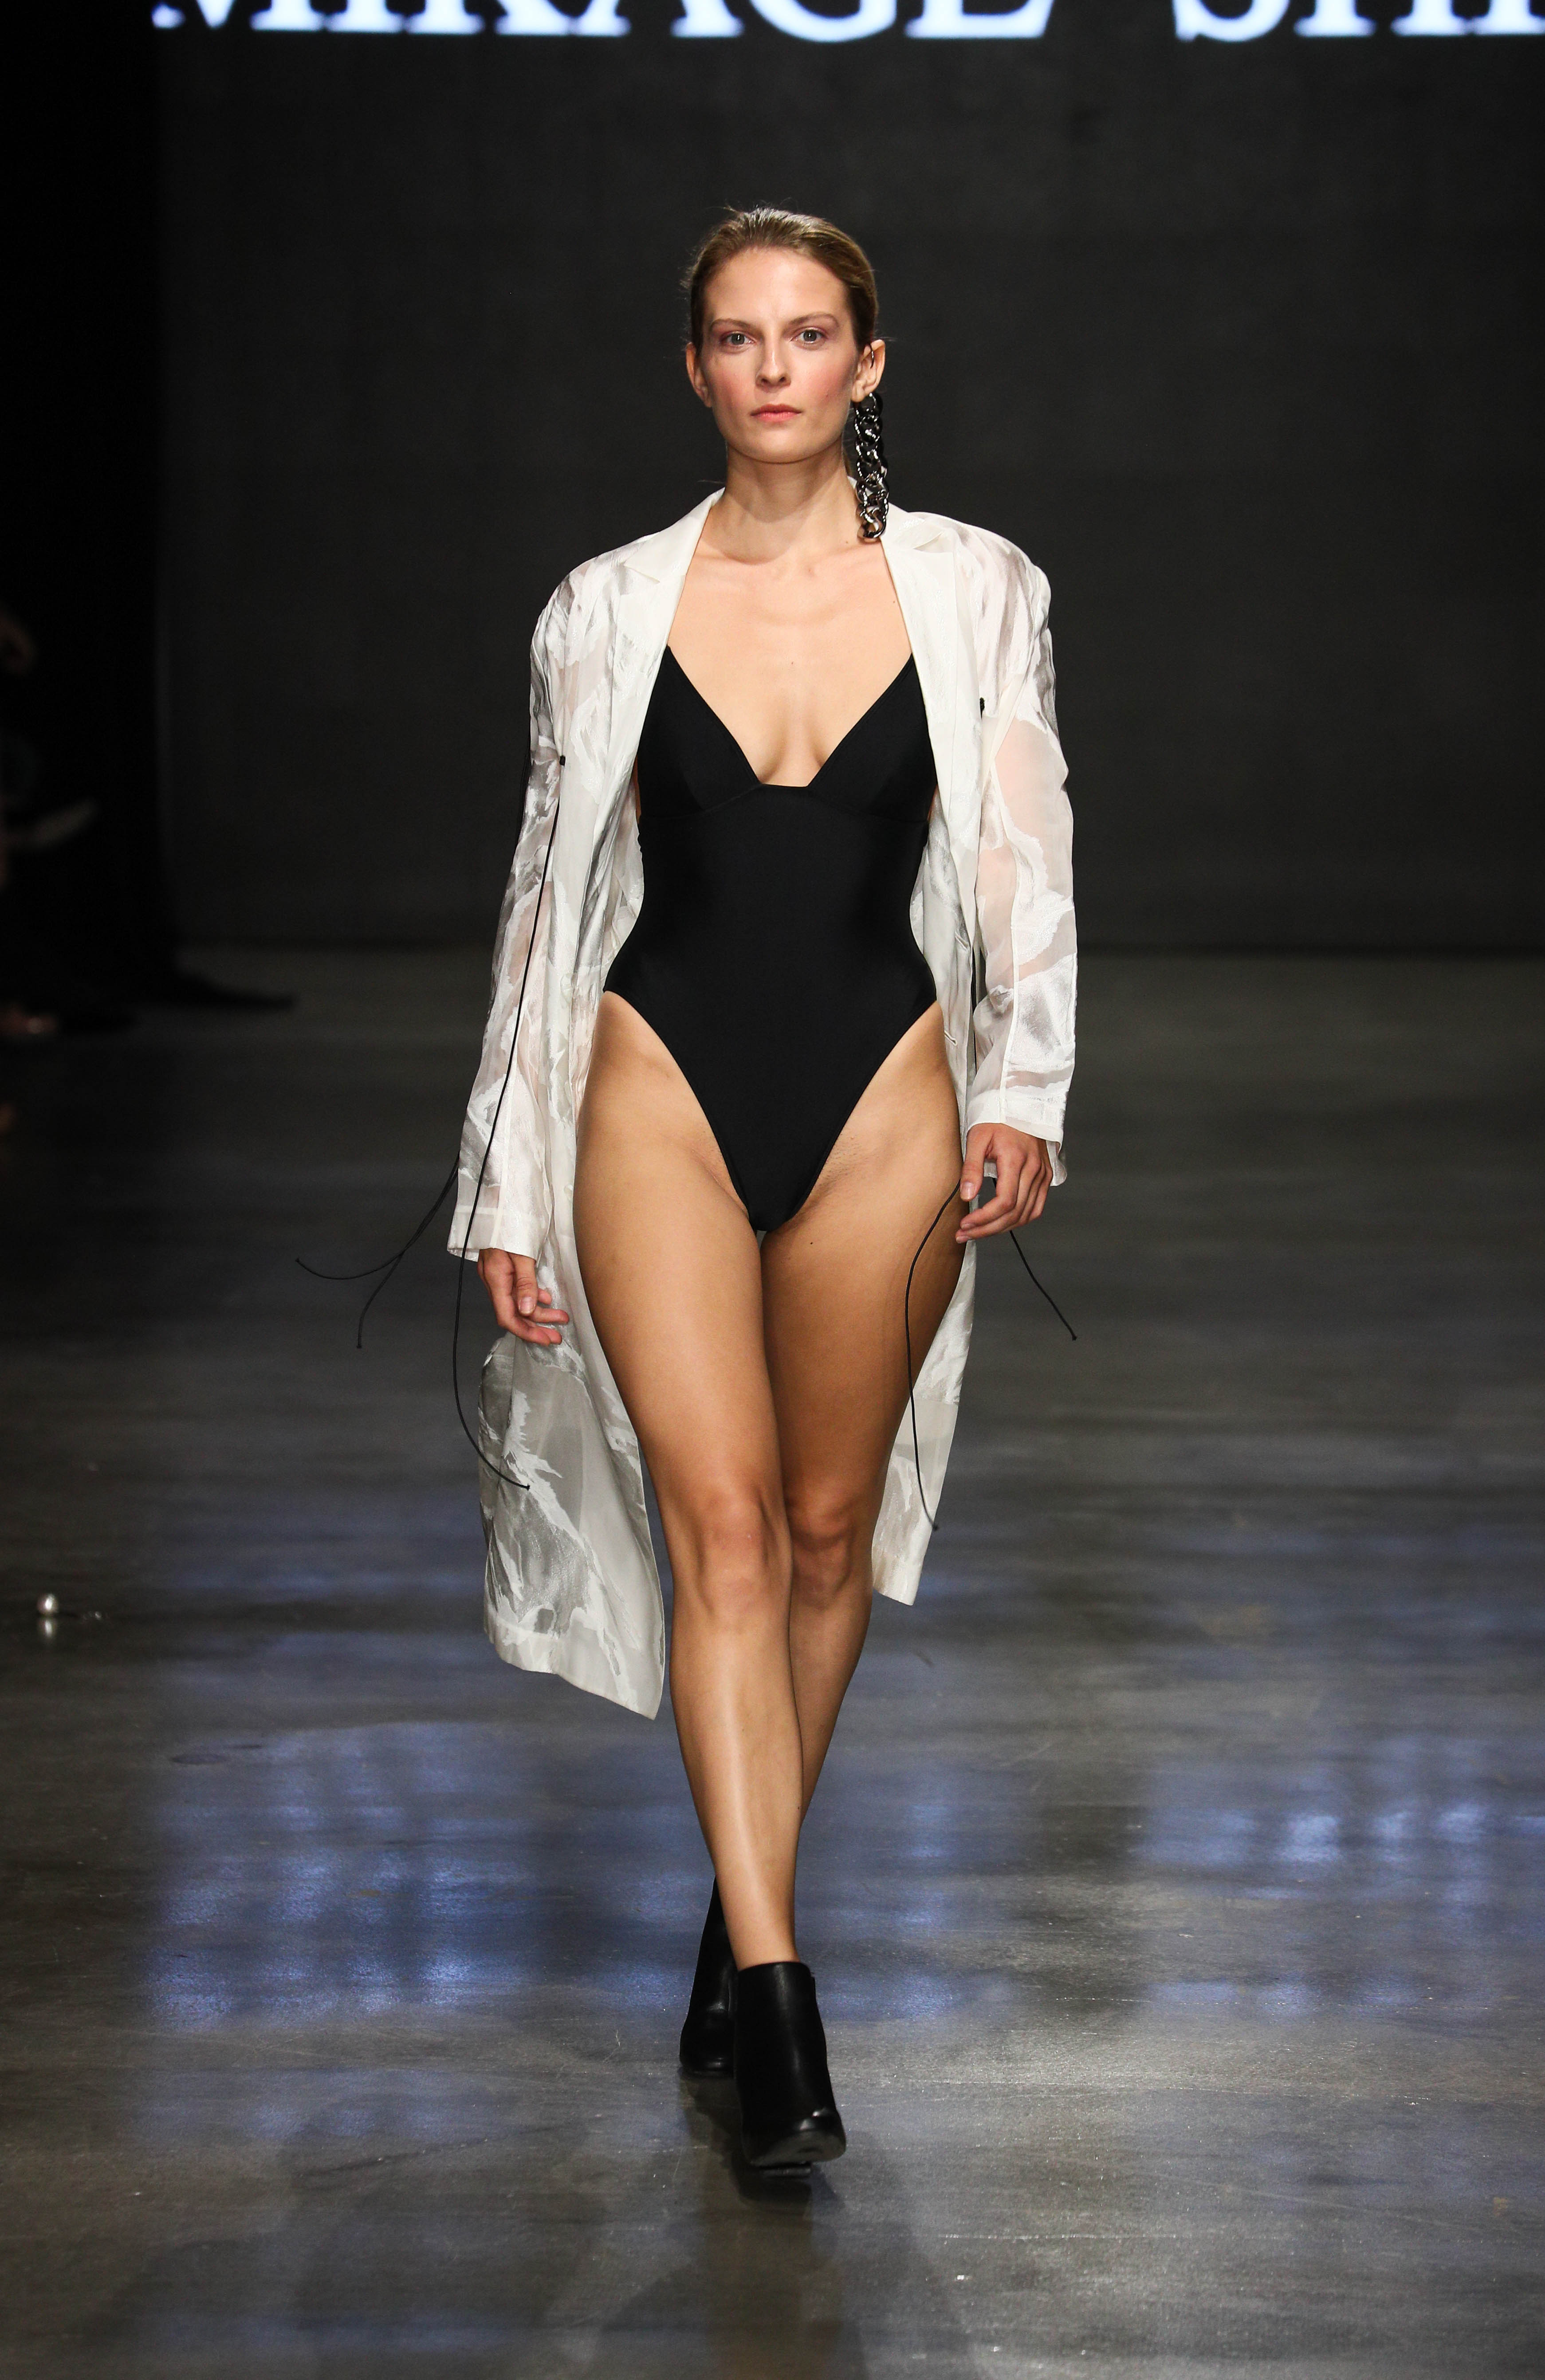 MikageShin Sustainable Fashion EcoMogul Magazine 1